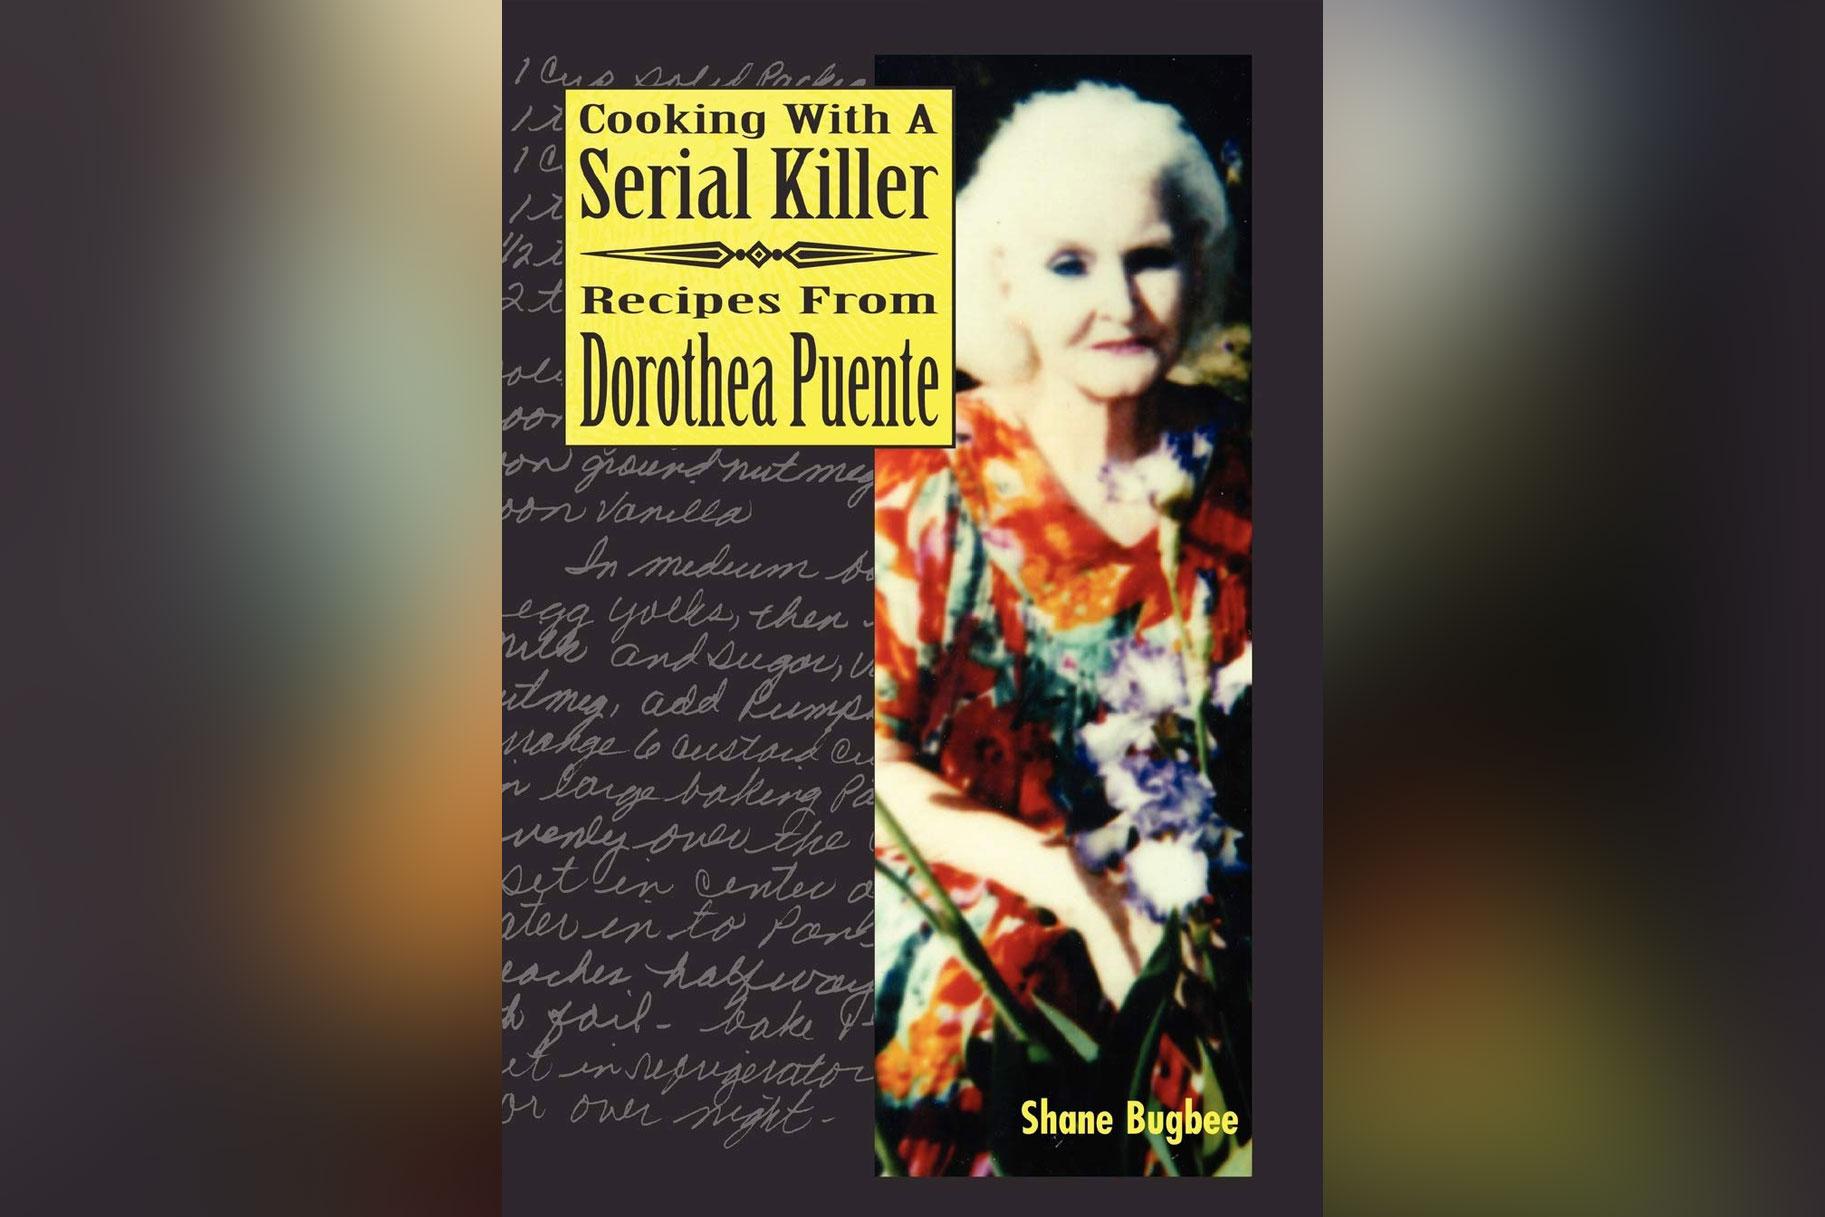 דורותיאה פואנטה כתבה 'בישול עם רוצח סדרתי' בזמן שמאחורי הסורגים - האם המתכונים טובים?